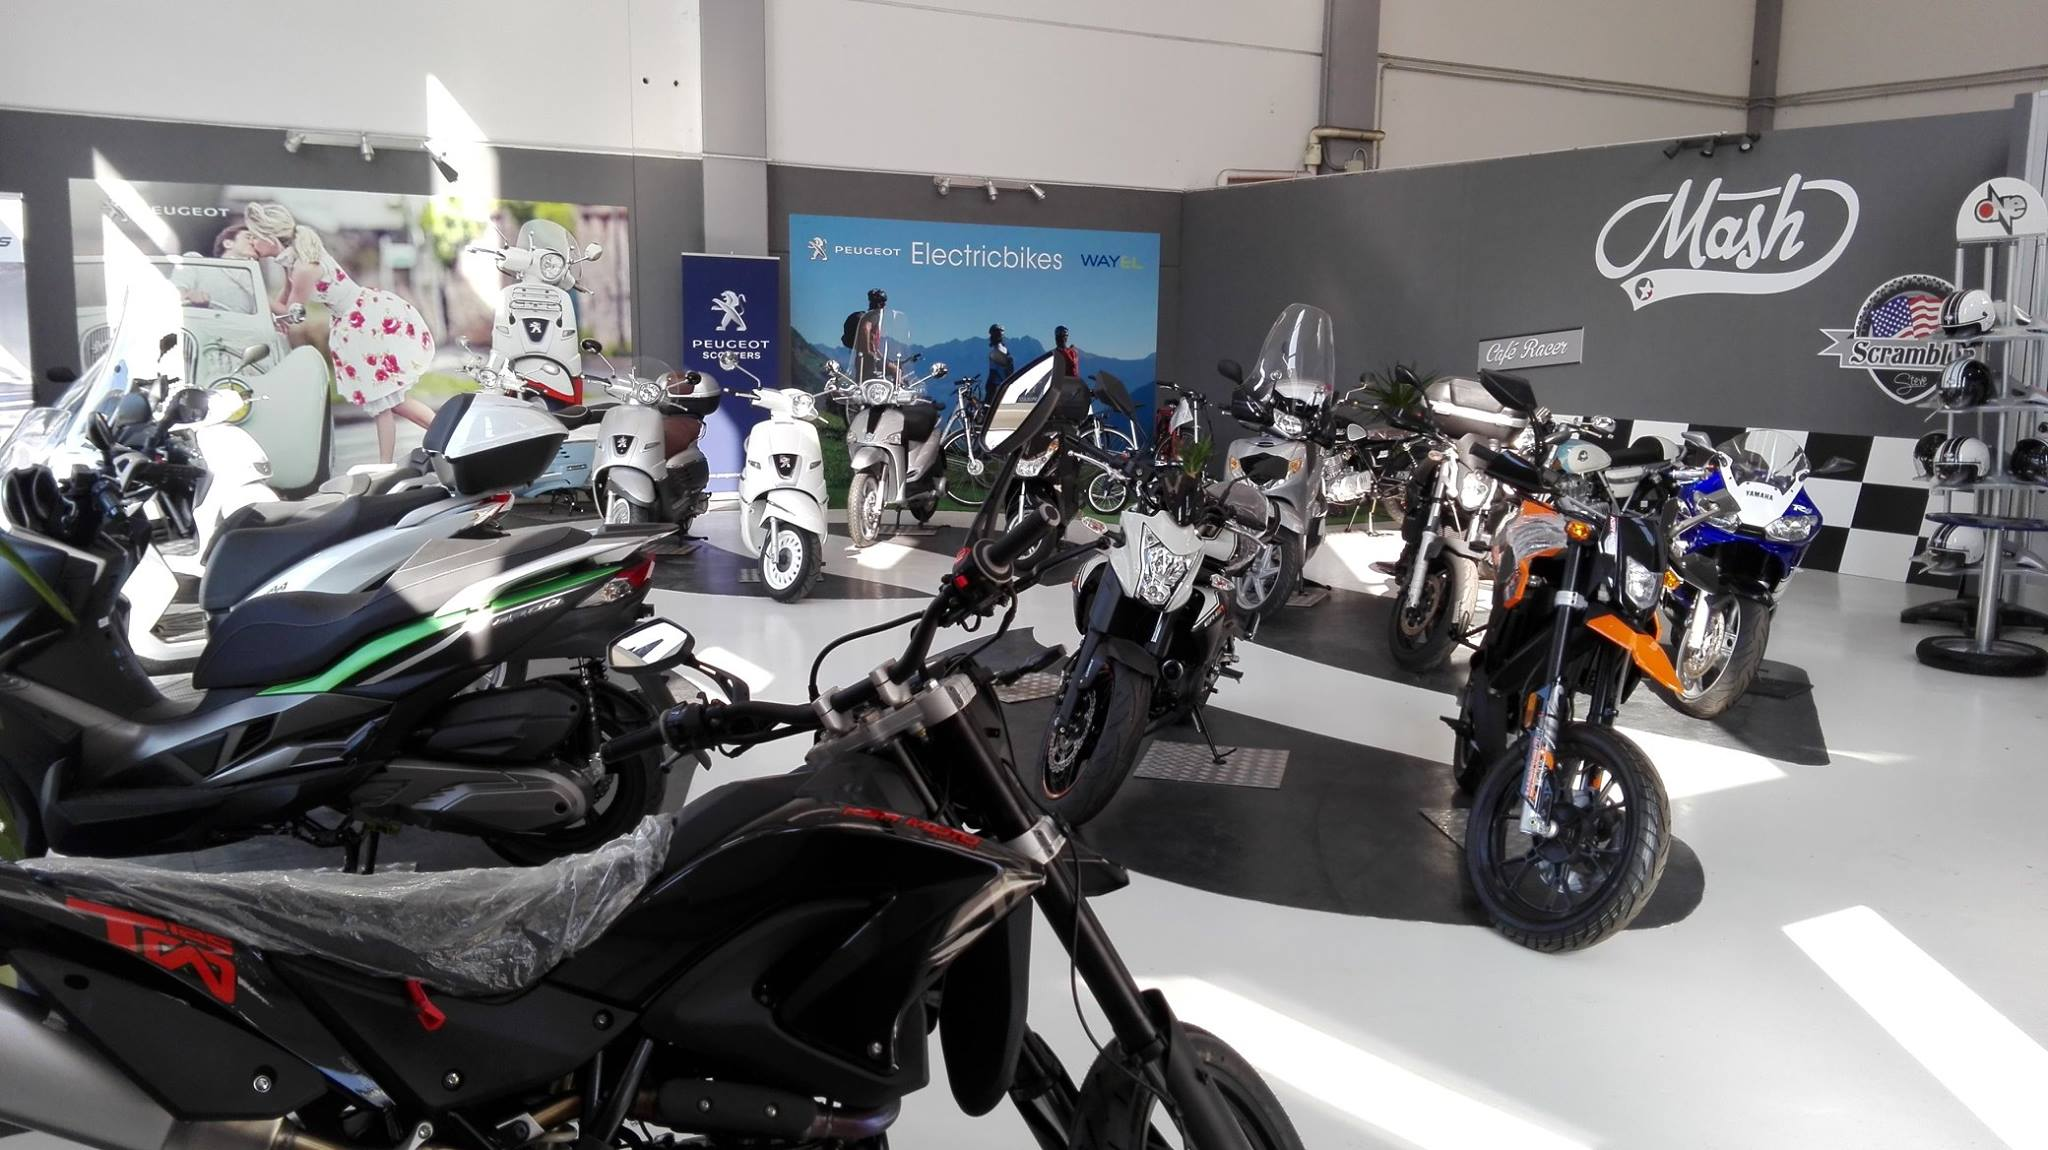 Moto Louis La Spezia Vendita E Assistenza Scootermoto